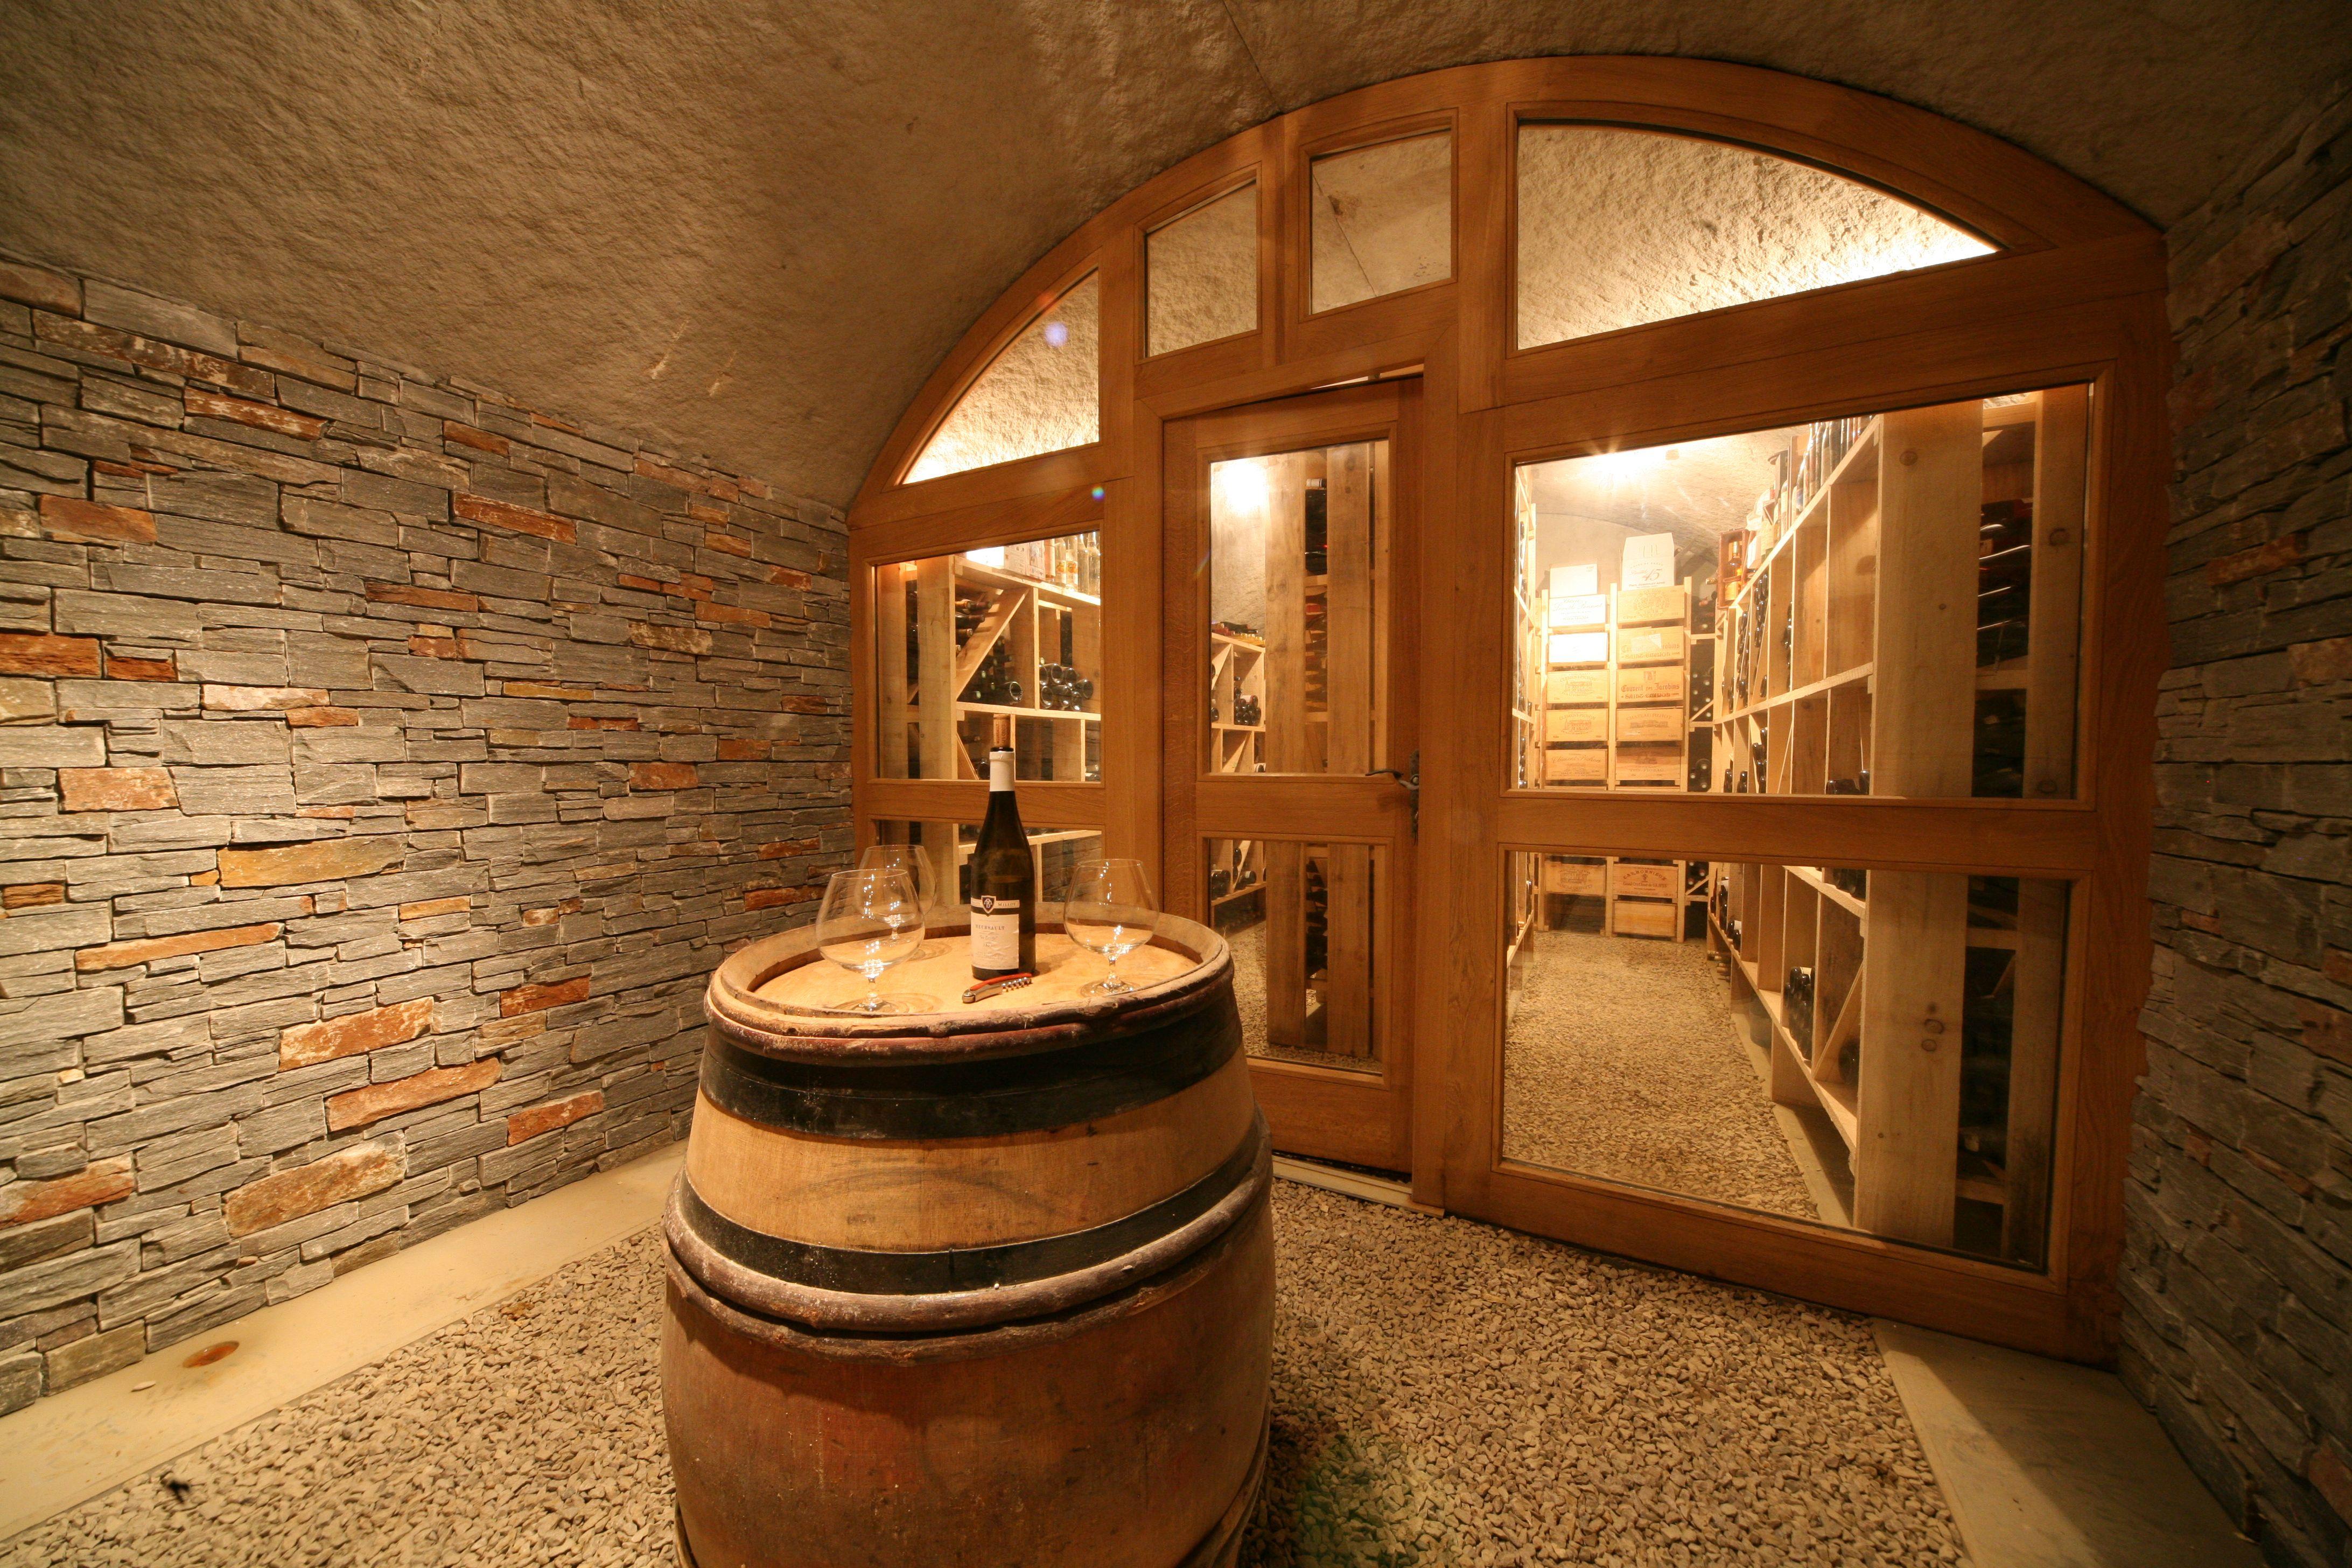 Cave vout e pointcav avec porte de s paration et habill e en pierre de parement cave vin - Porte de cave securisee ...